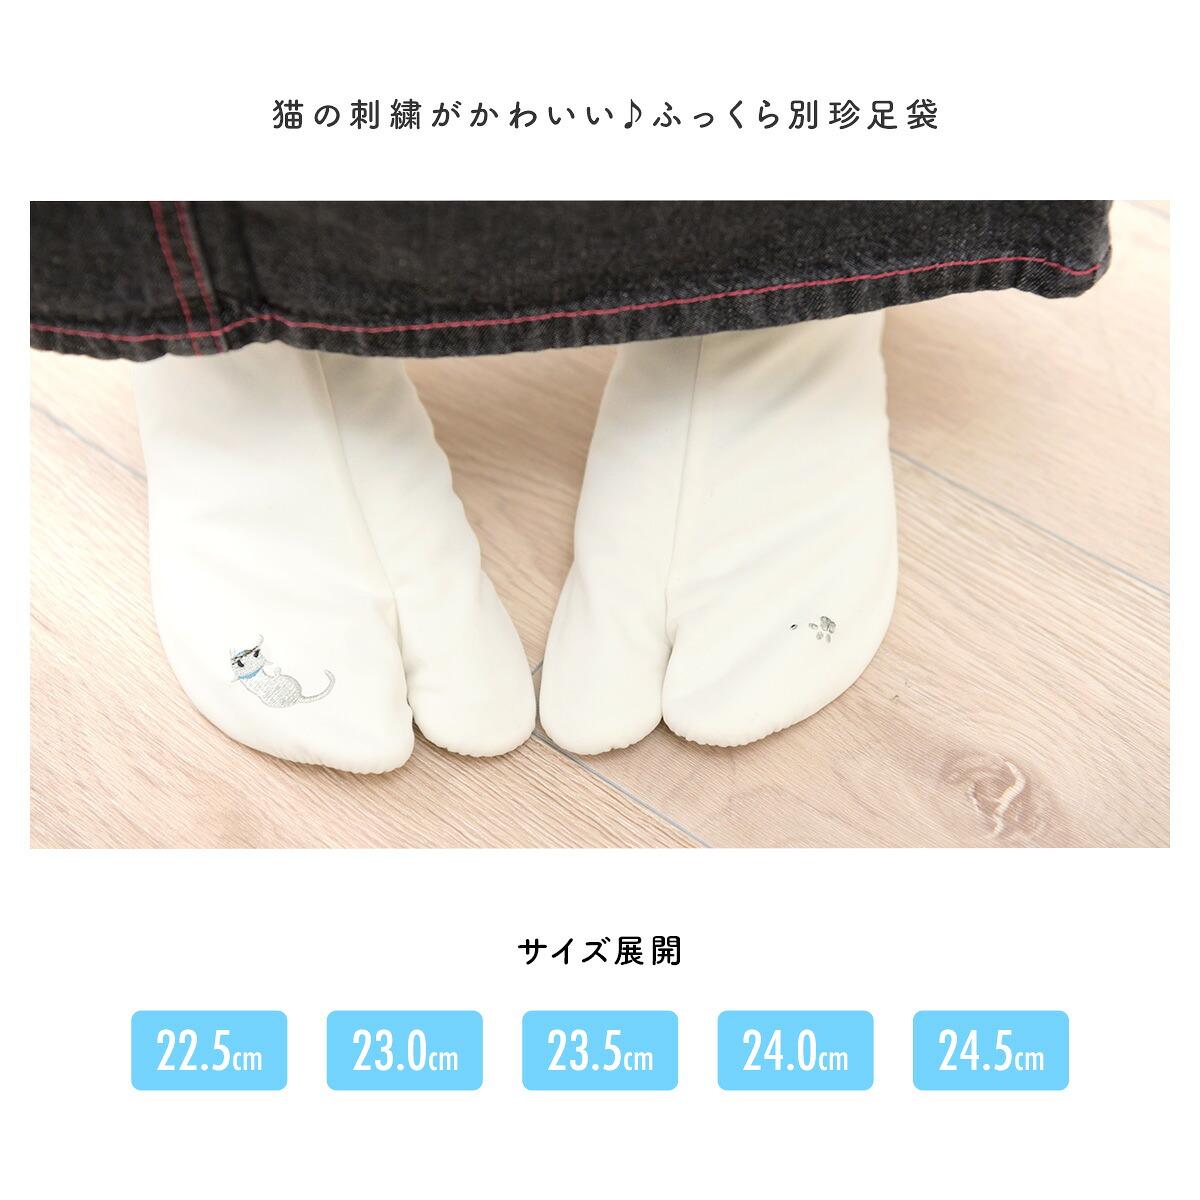 別珍刺繍足袋 アイボリー 猫 ネコ 別珍 WA de Modern SWAROVSKI スワロフスキークリエーション使用 日本製b